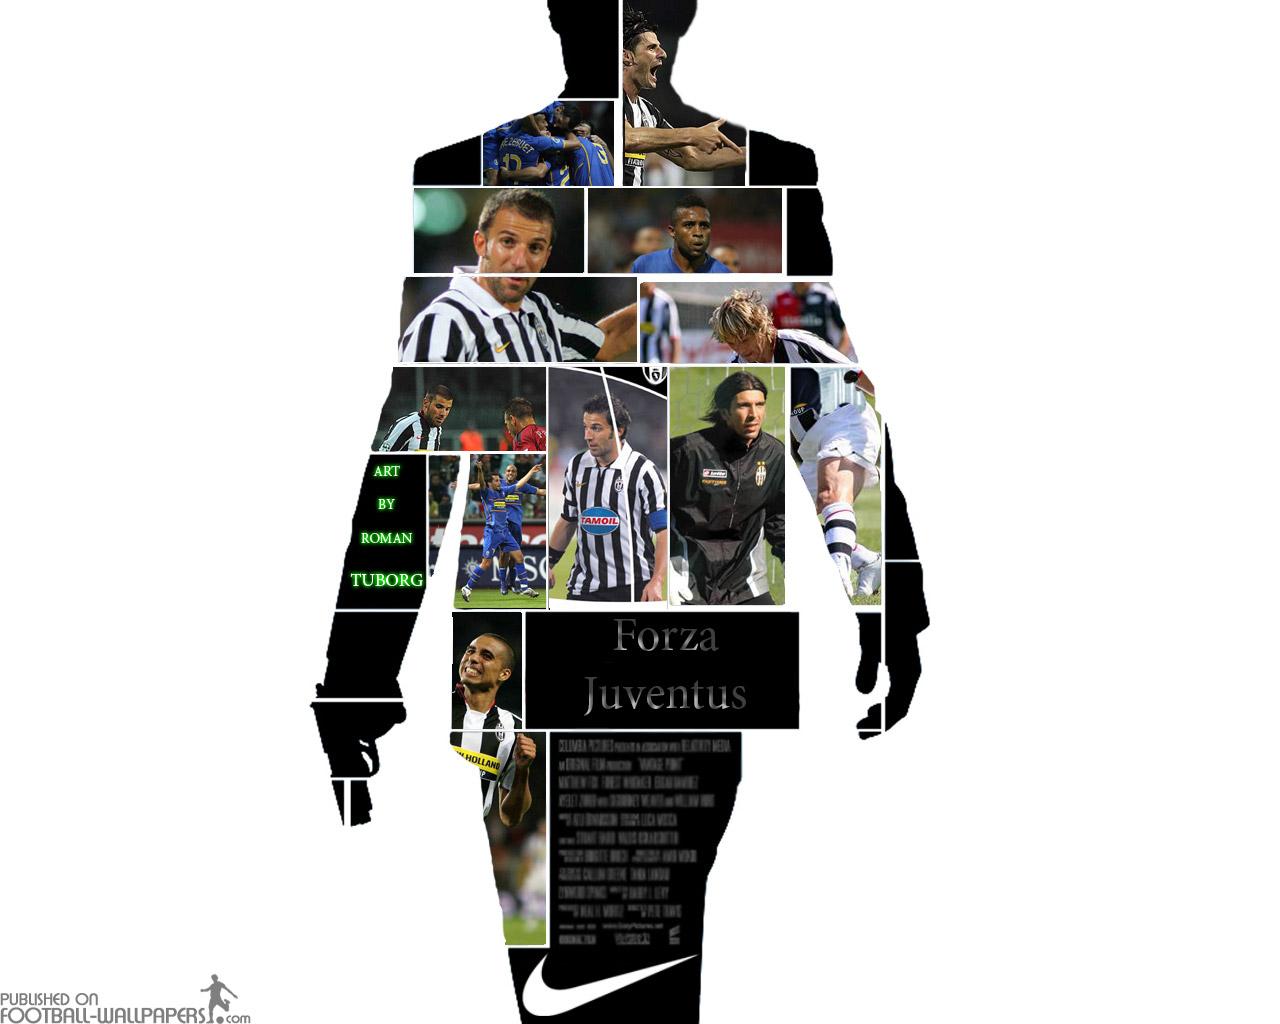 http://4.bp.blogspot.com/---Klx27T03M/TkwdkvqnrOI/AAAAAAAAAoQ/FdbOGZhqe0U/s1600/Juventus-HD-wallpaper-+15.jpg